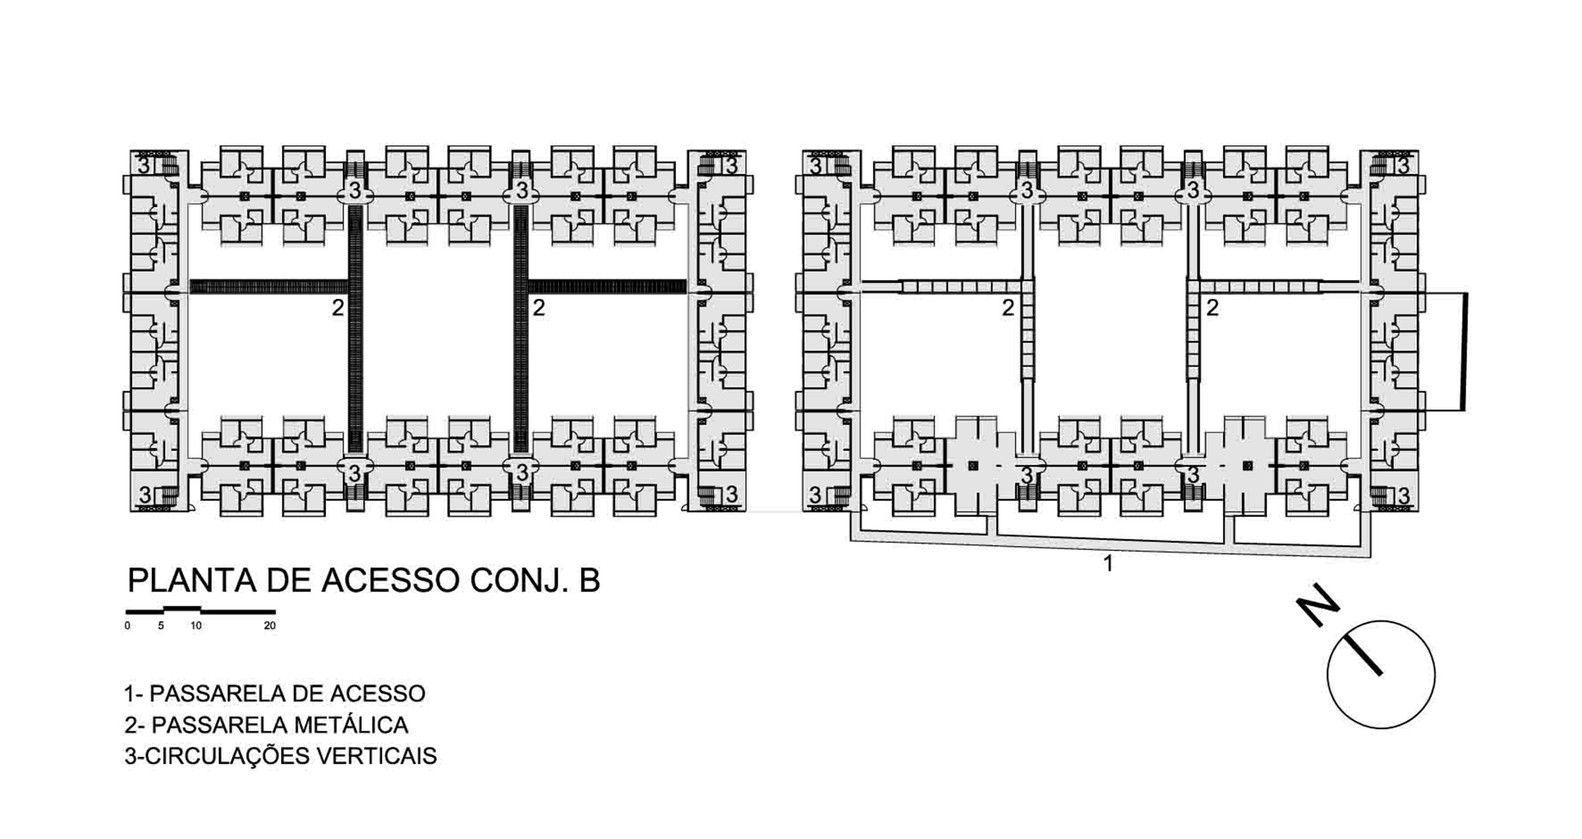 Galería de Vivienda Social Heliópolis / Biselli Katchborian Arquitetos - 20